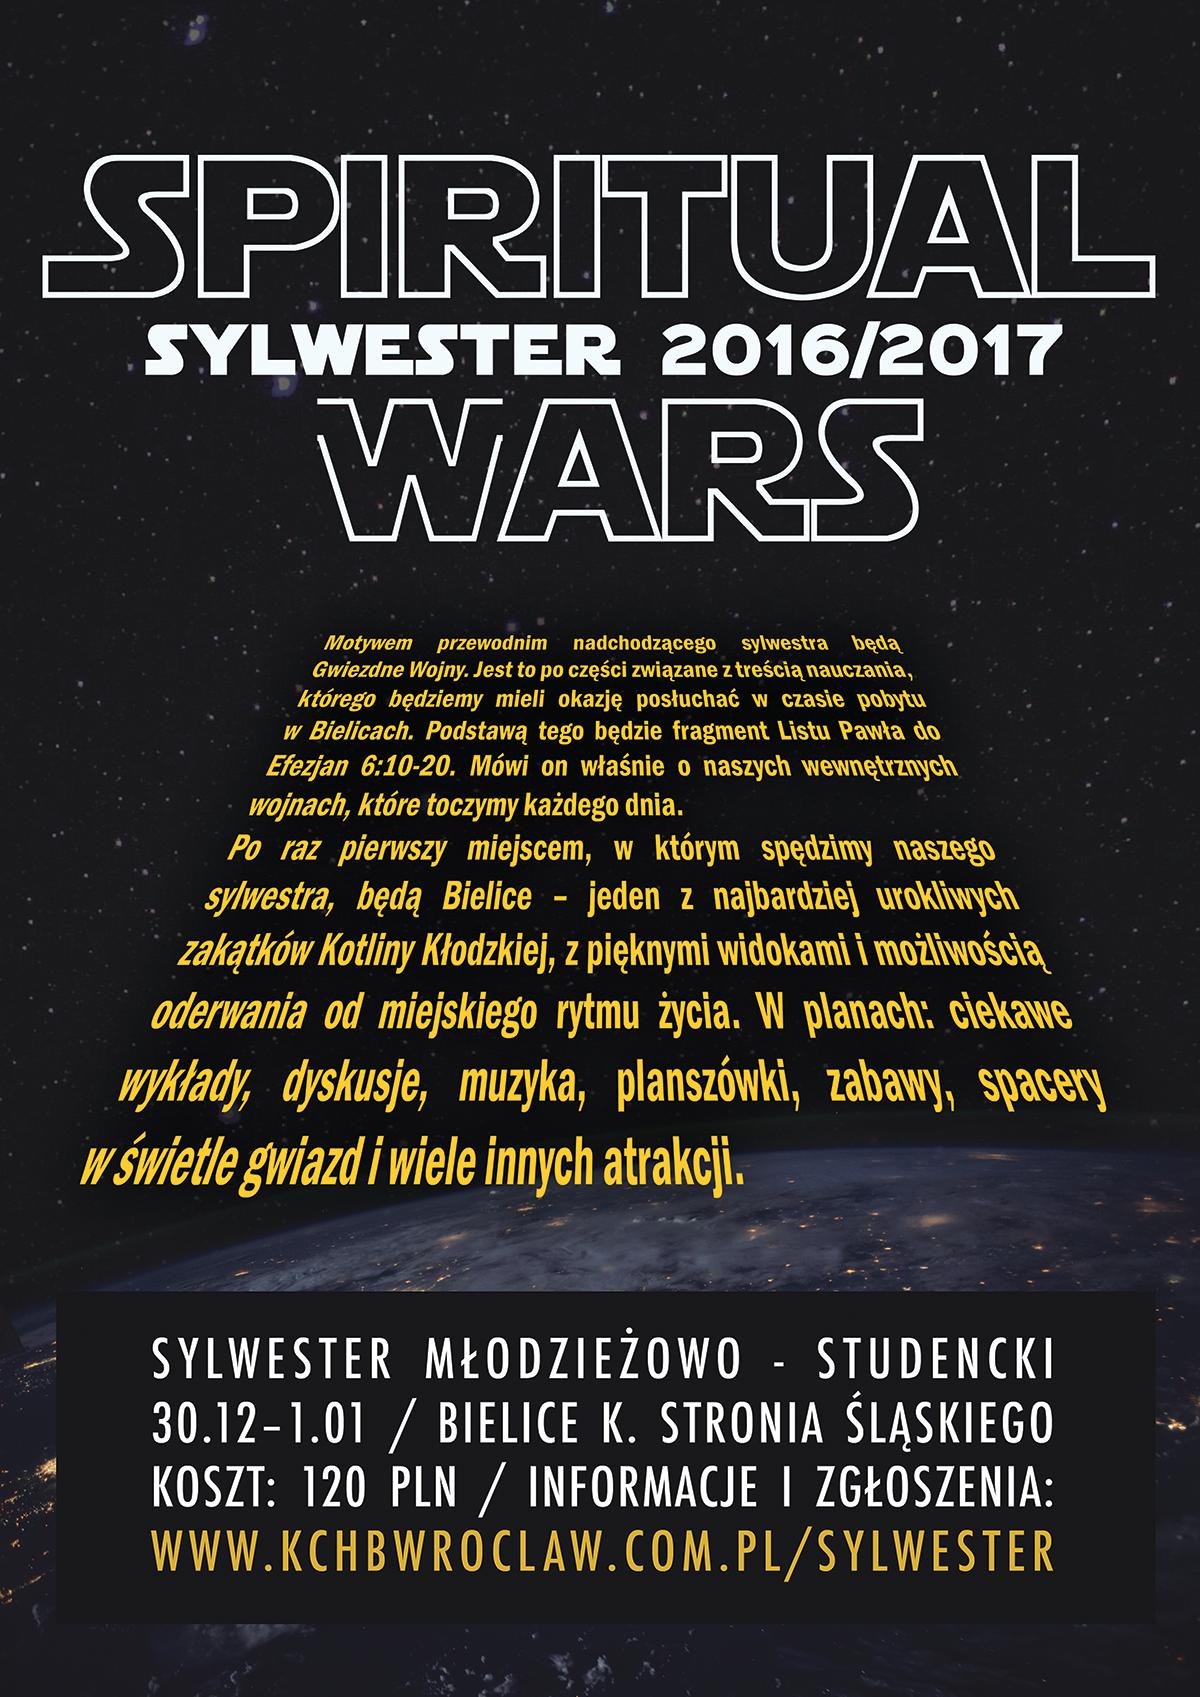 sylwester16-17